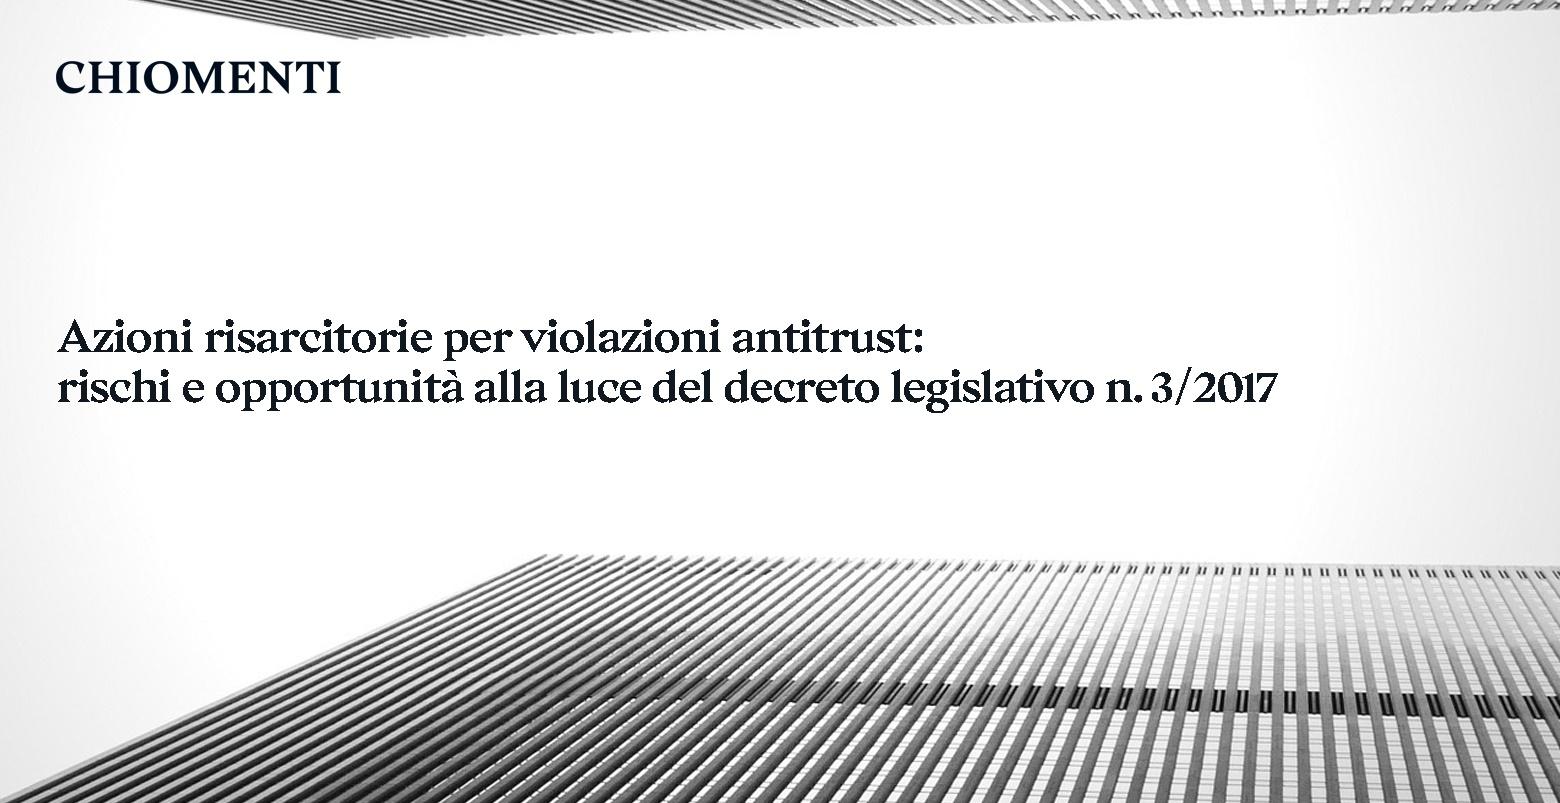 """Seminario """"Azioni risarcitorie per violazioni antitrust: rischi e opportunità alla luce del decreto legislativo n.3/2017"""", Milano, 22 giugno 2018"""